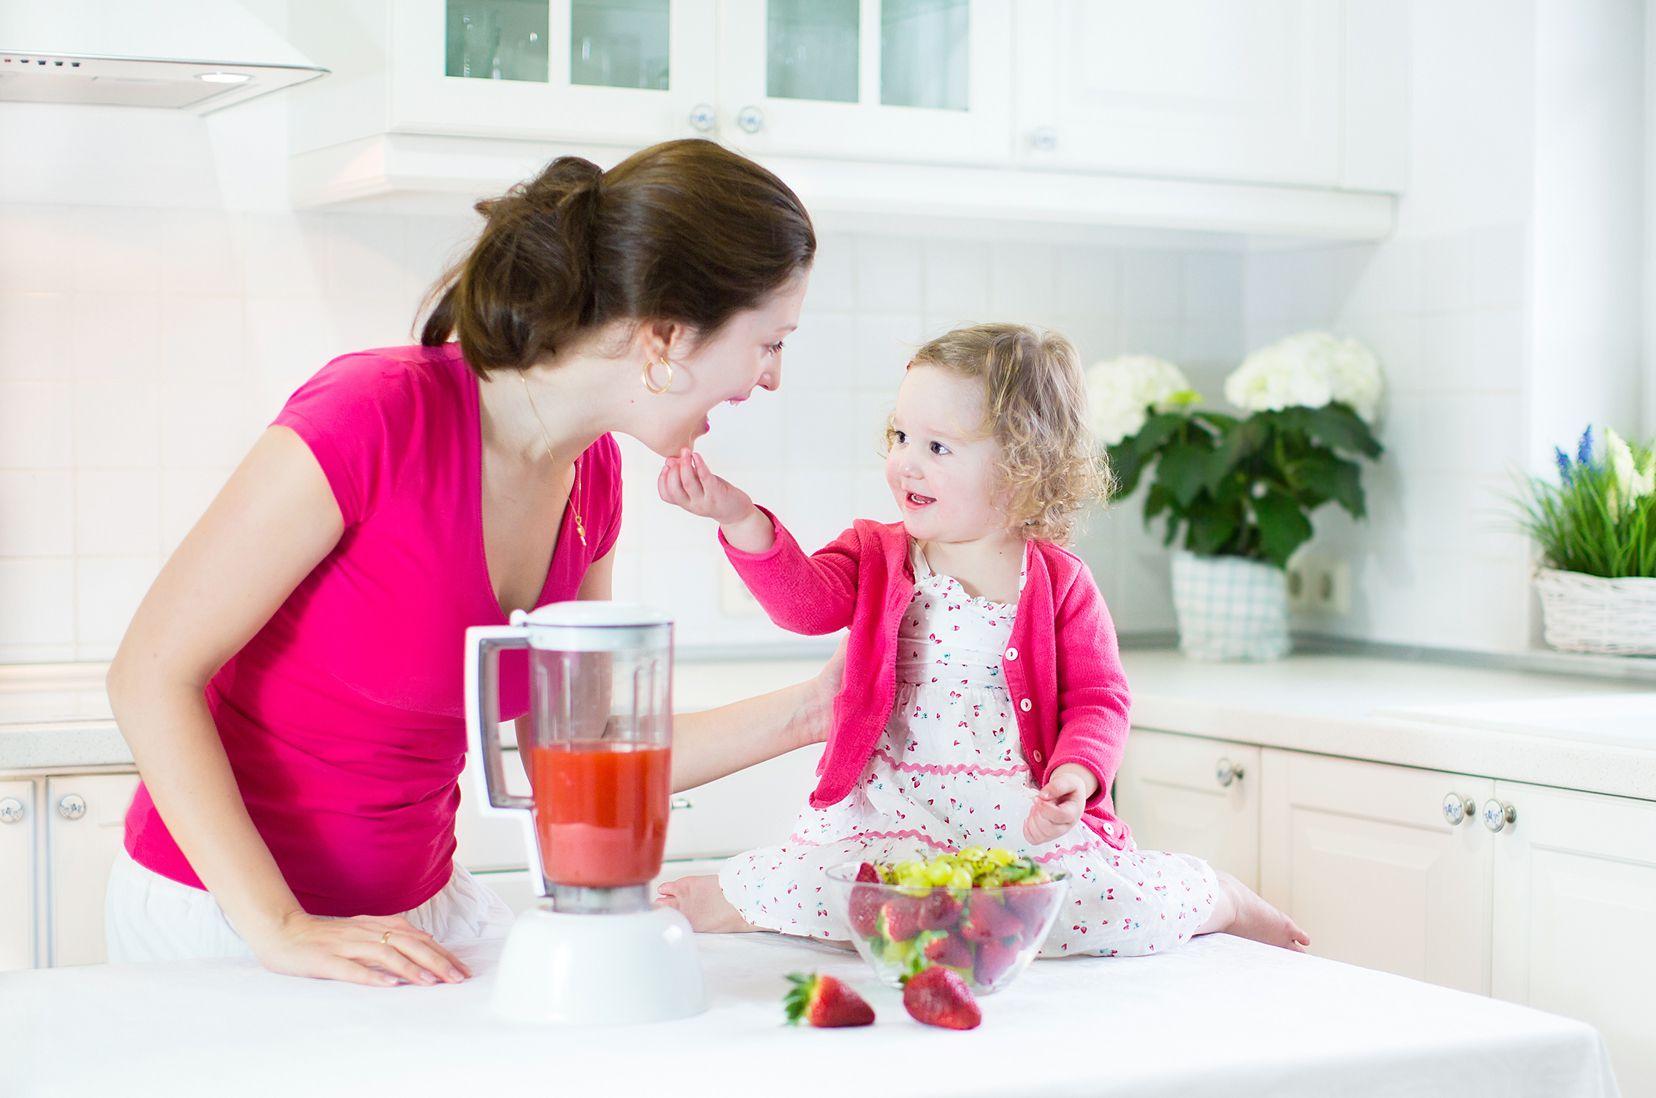 أطعمة تسبب الحساسية لدى الأطفال عليك معرفتها